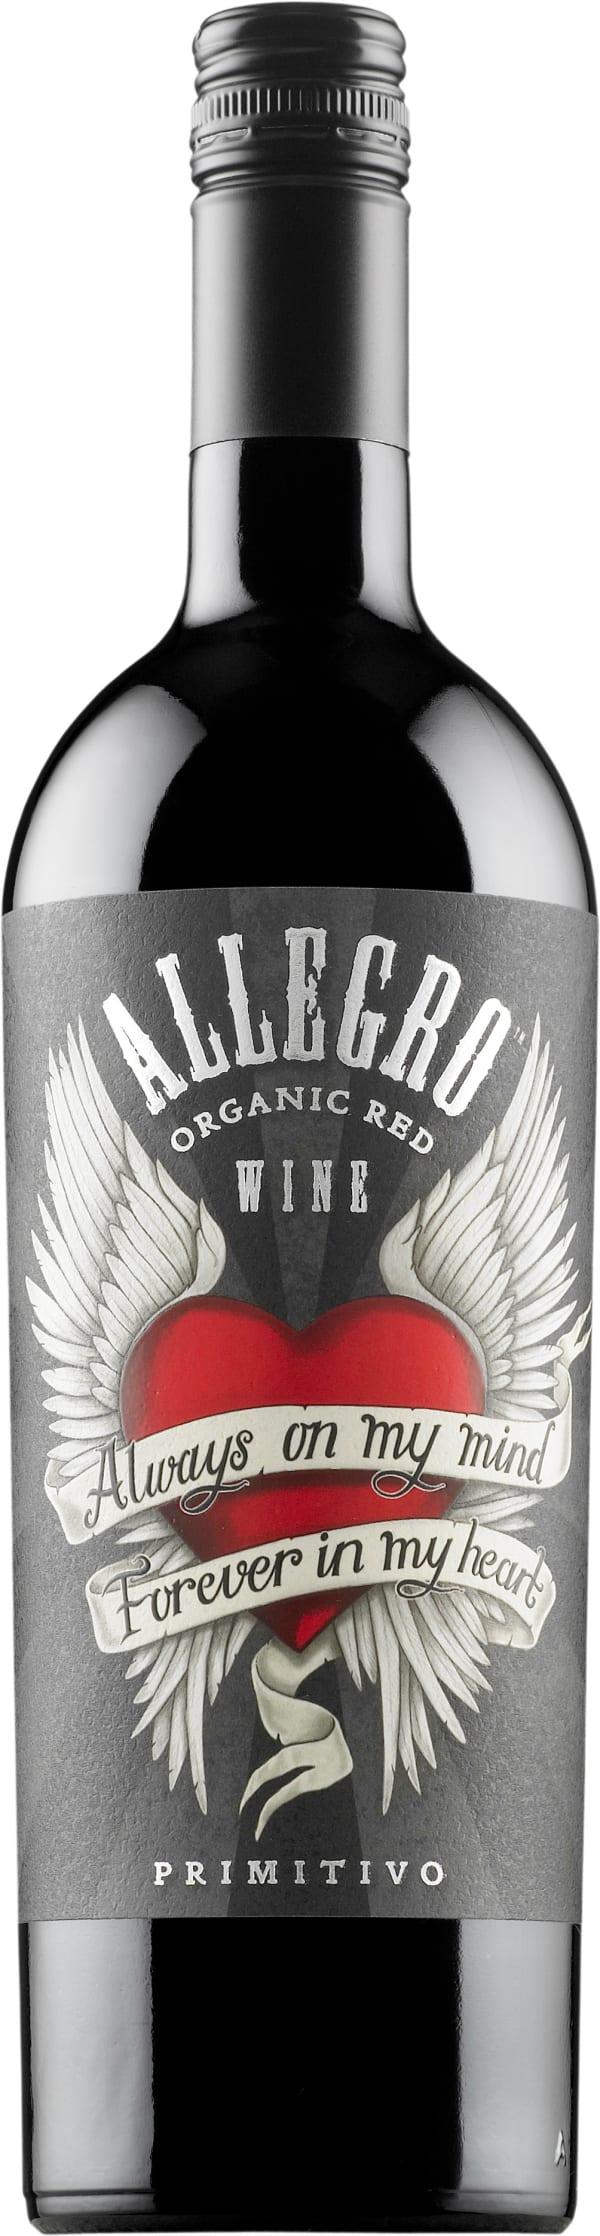 Allegro Organic Primitivo 2016